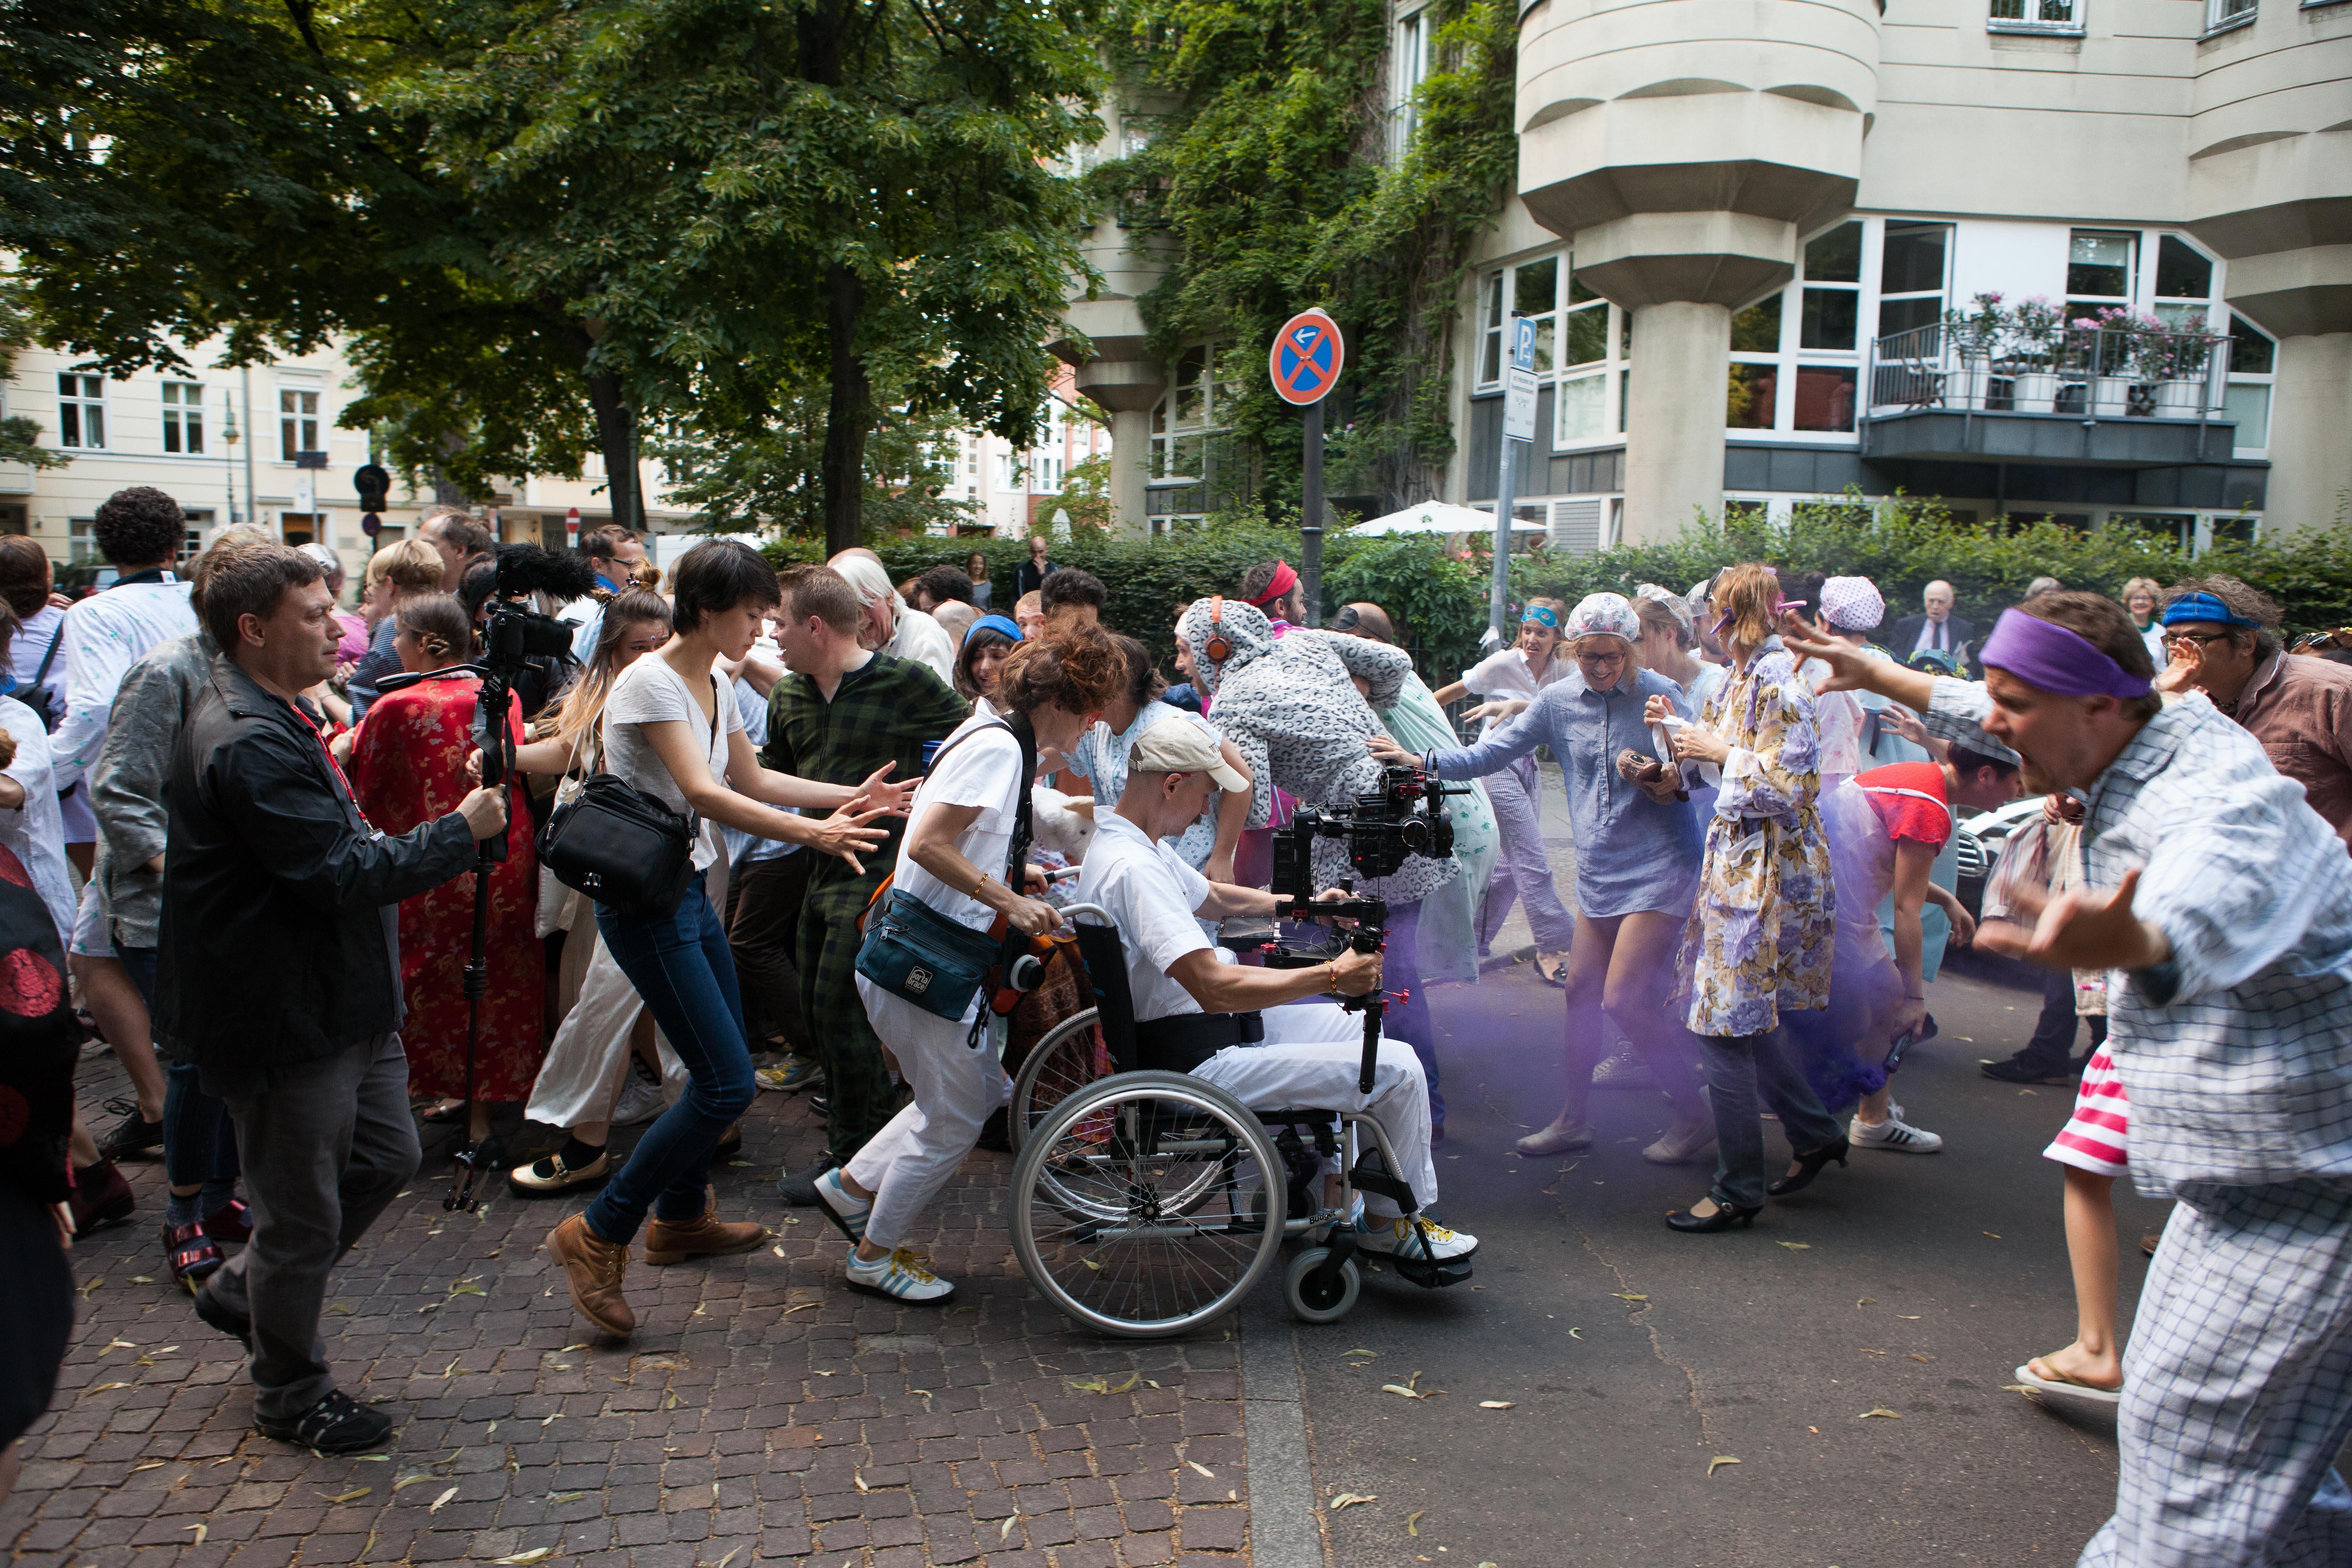 Flucht vor dem Sumpfmonster: Freiwillige beim Live-Dreh in der Schaperstraße in Wilmersdorf – Foto: Eike Walkenhorst